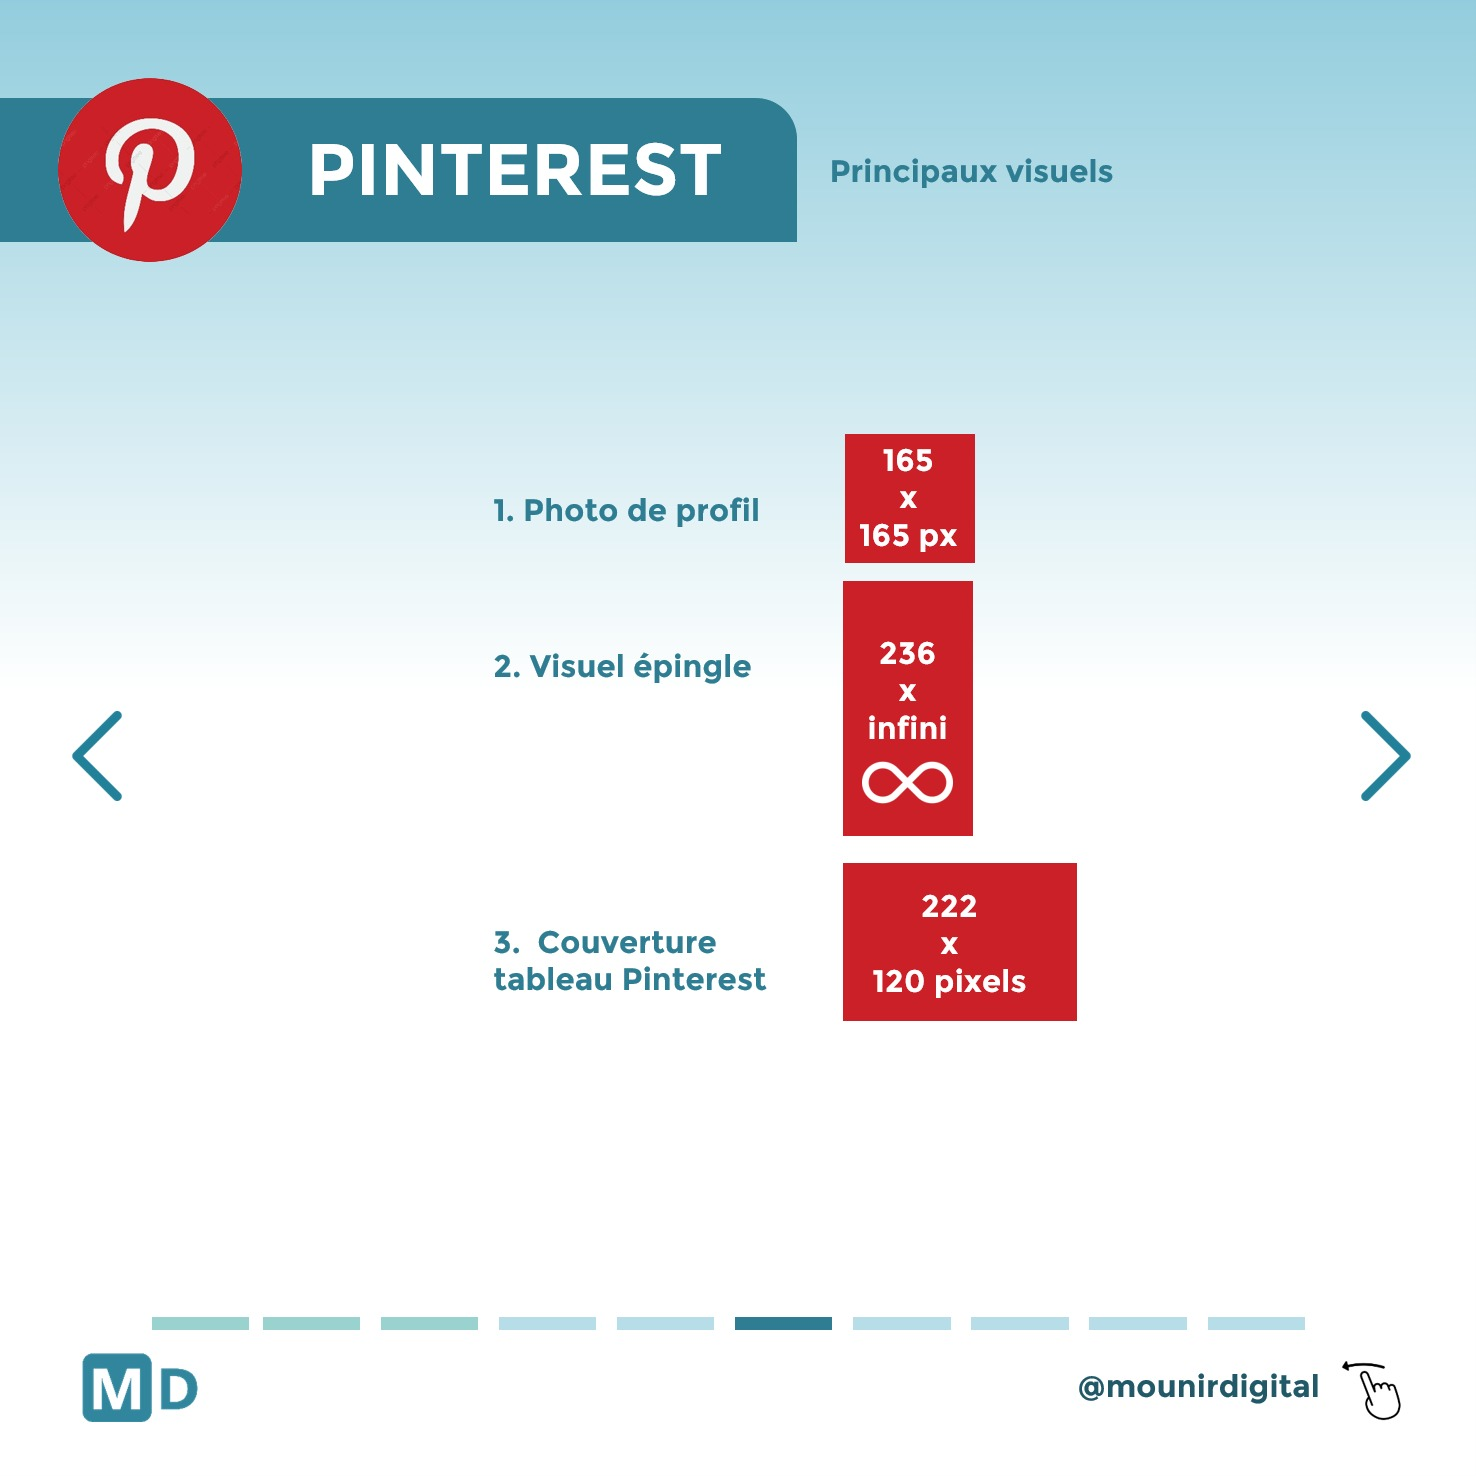 Taille visuel pinterest - quelles tailles pour les visuels des réseaux sociaux - Mounir Digital